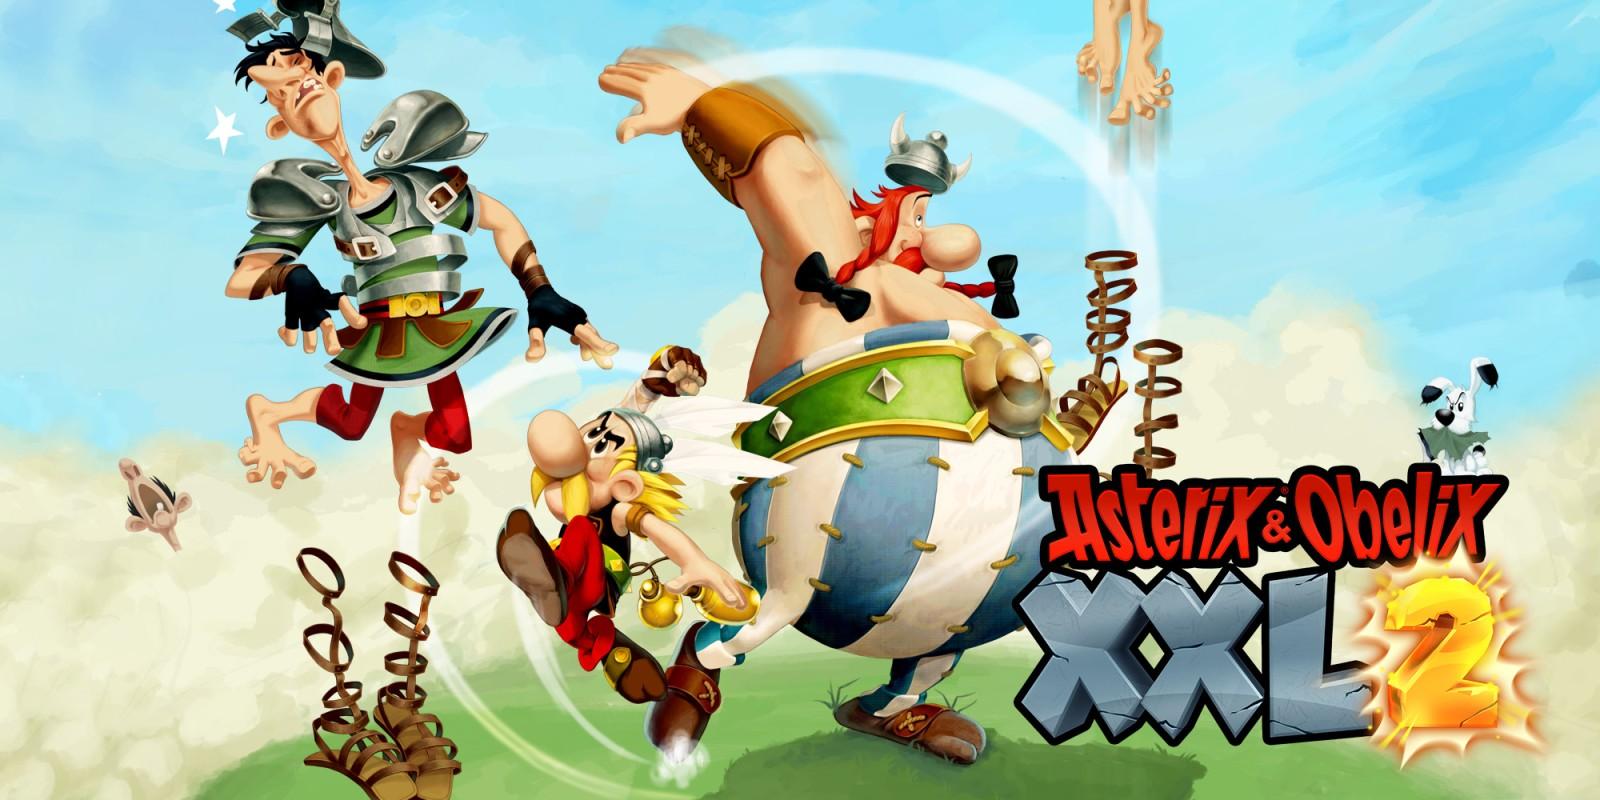 review-asterix-en-obelix-xxl-2